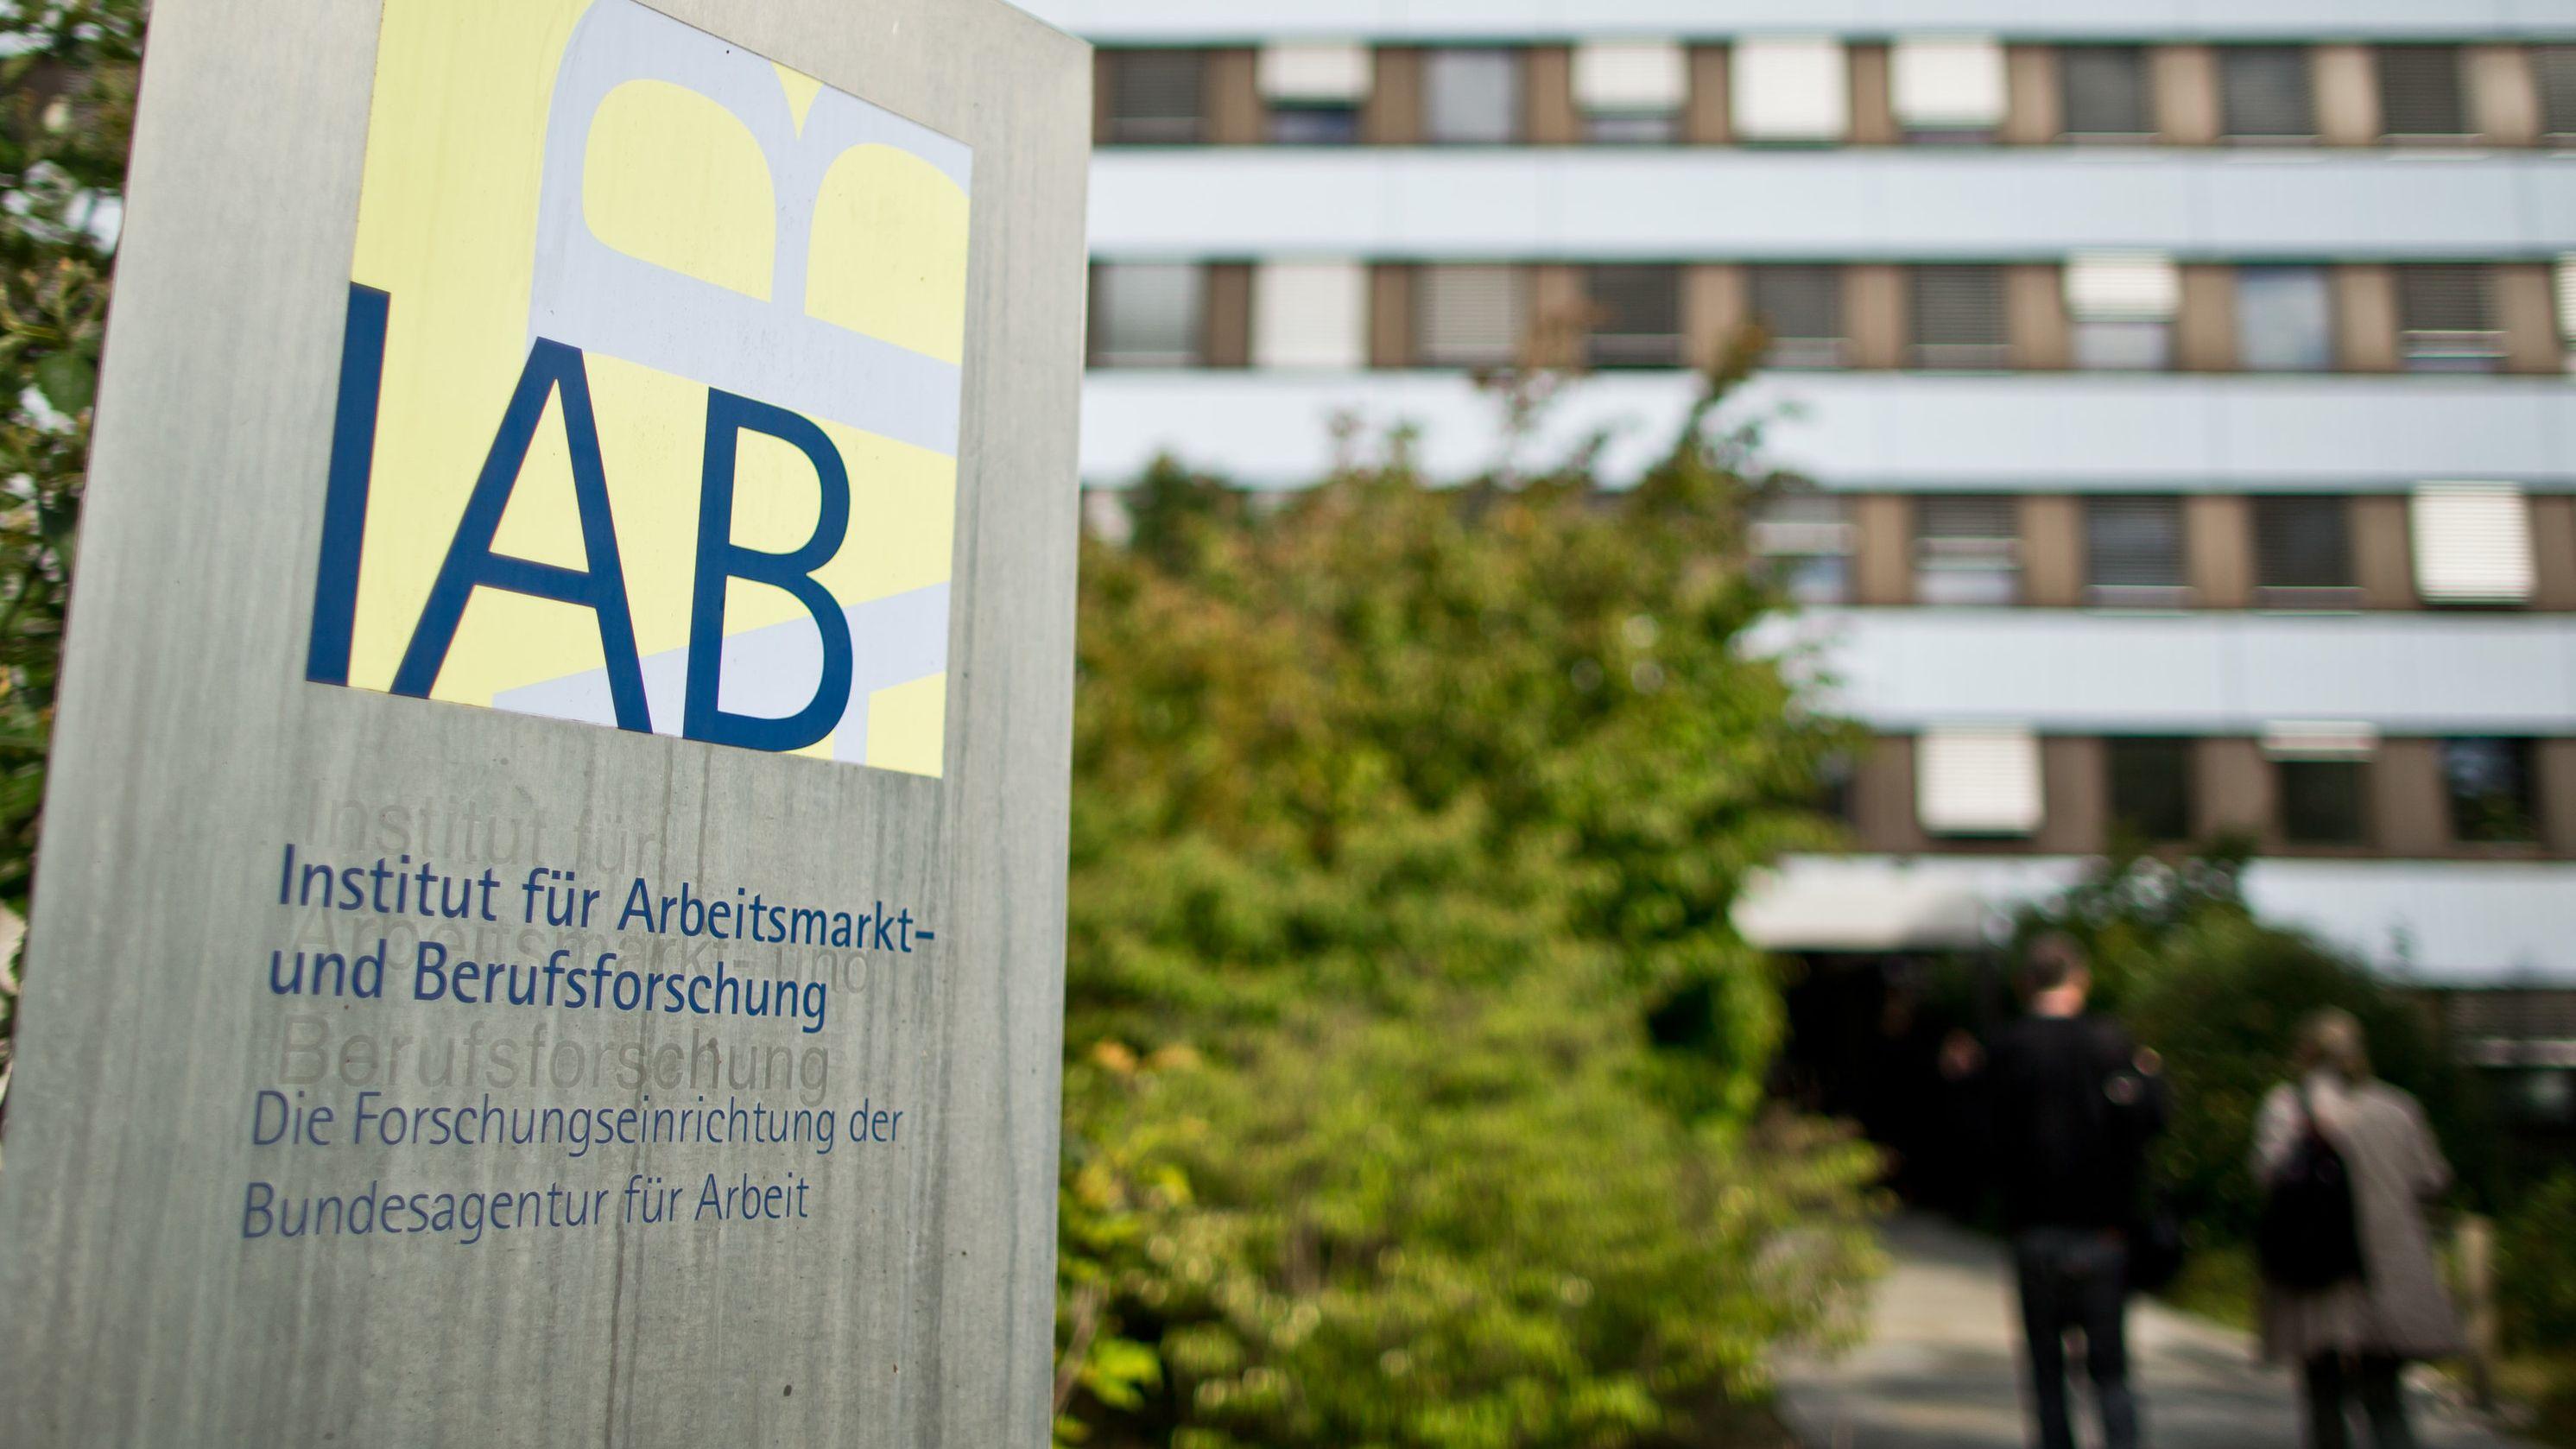 """""""IAB - Institut für Arbeitsmarkt- und Berufsforschung"""" ist auf einem Schild vor dem Gebäude der Behörde zu lesen"""